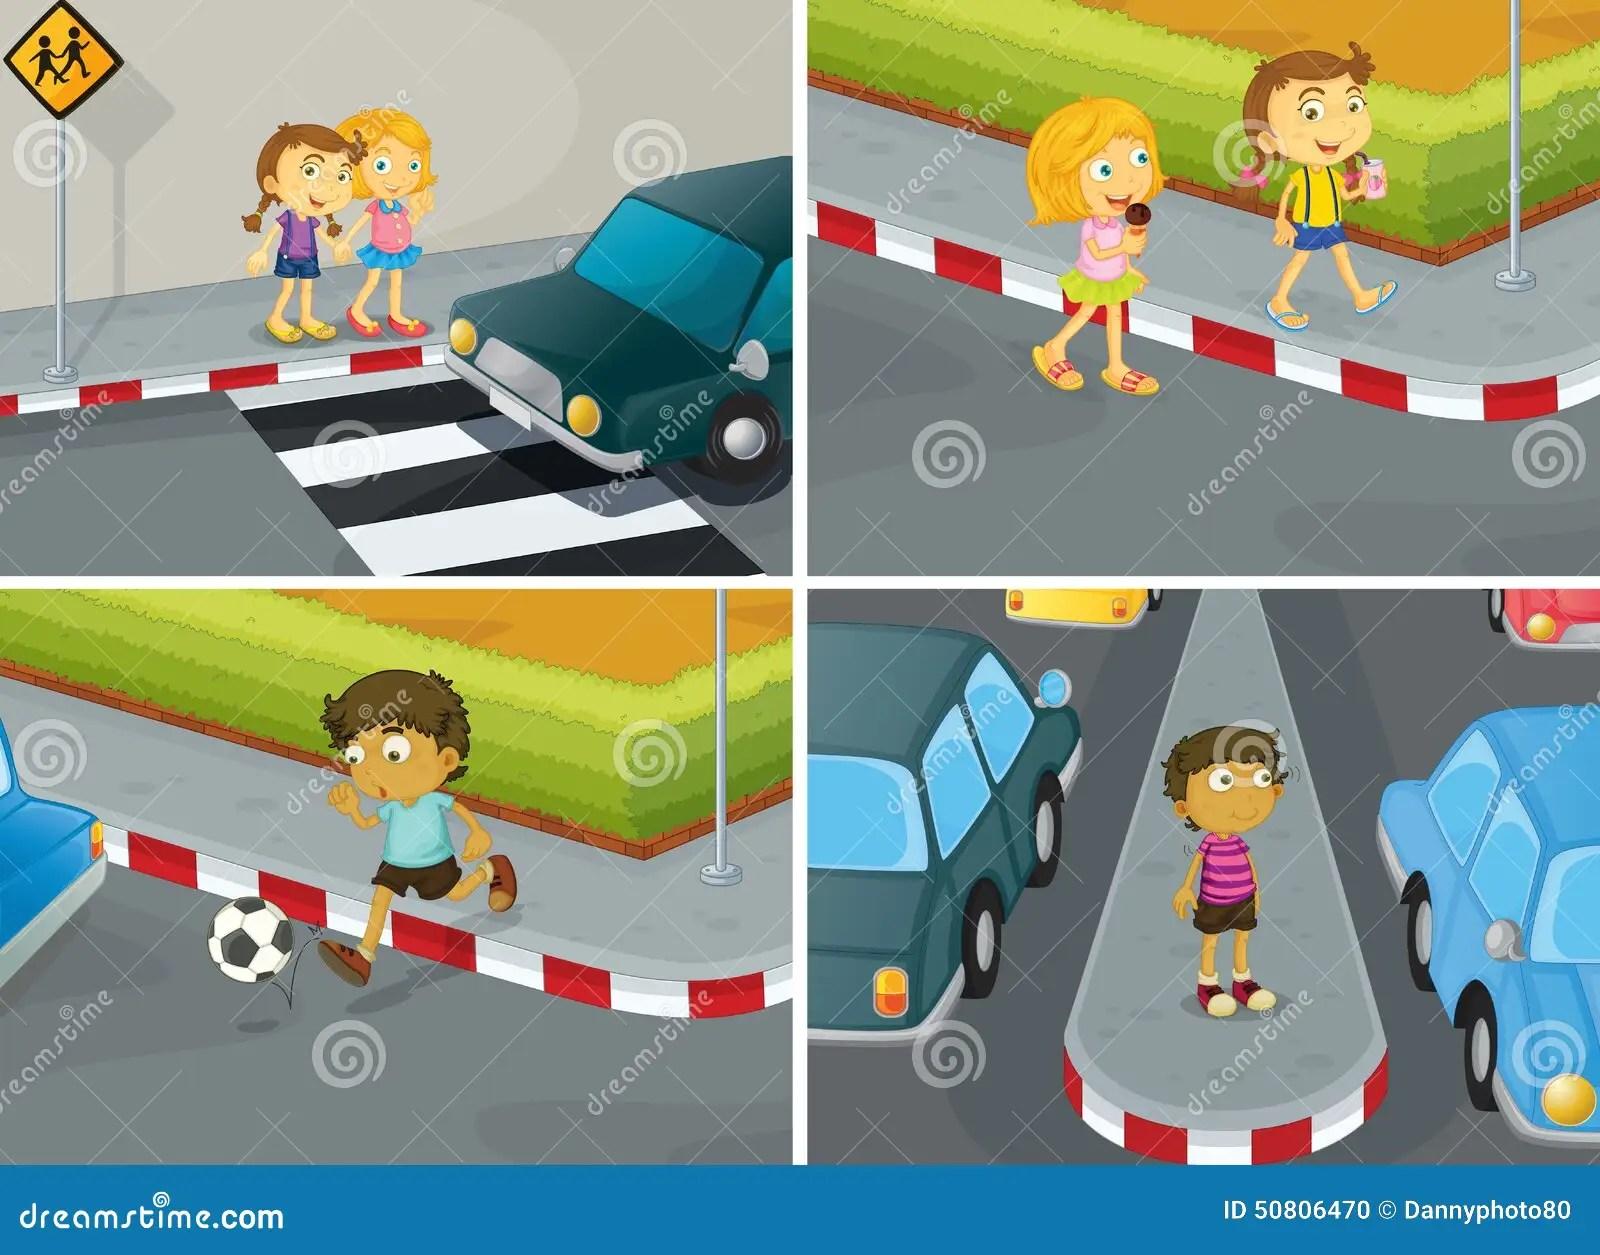 Bike Safety Worksheet For Kindergarten